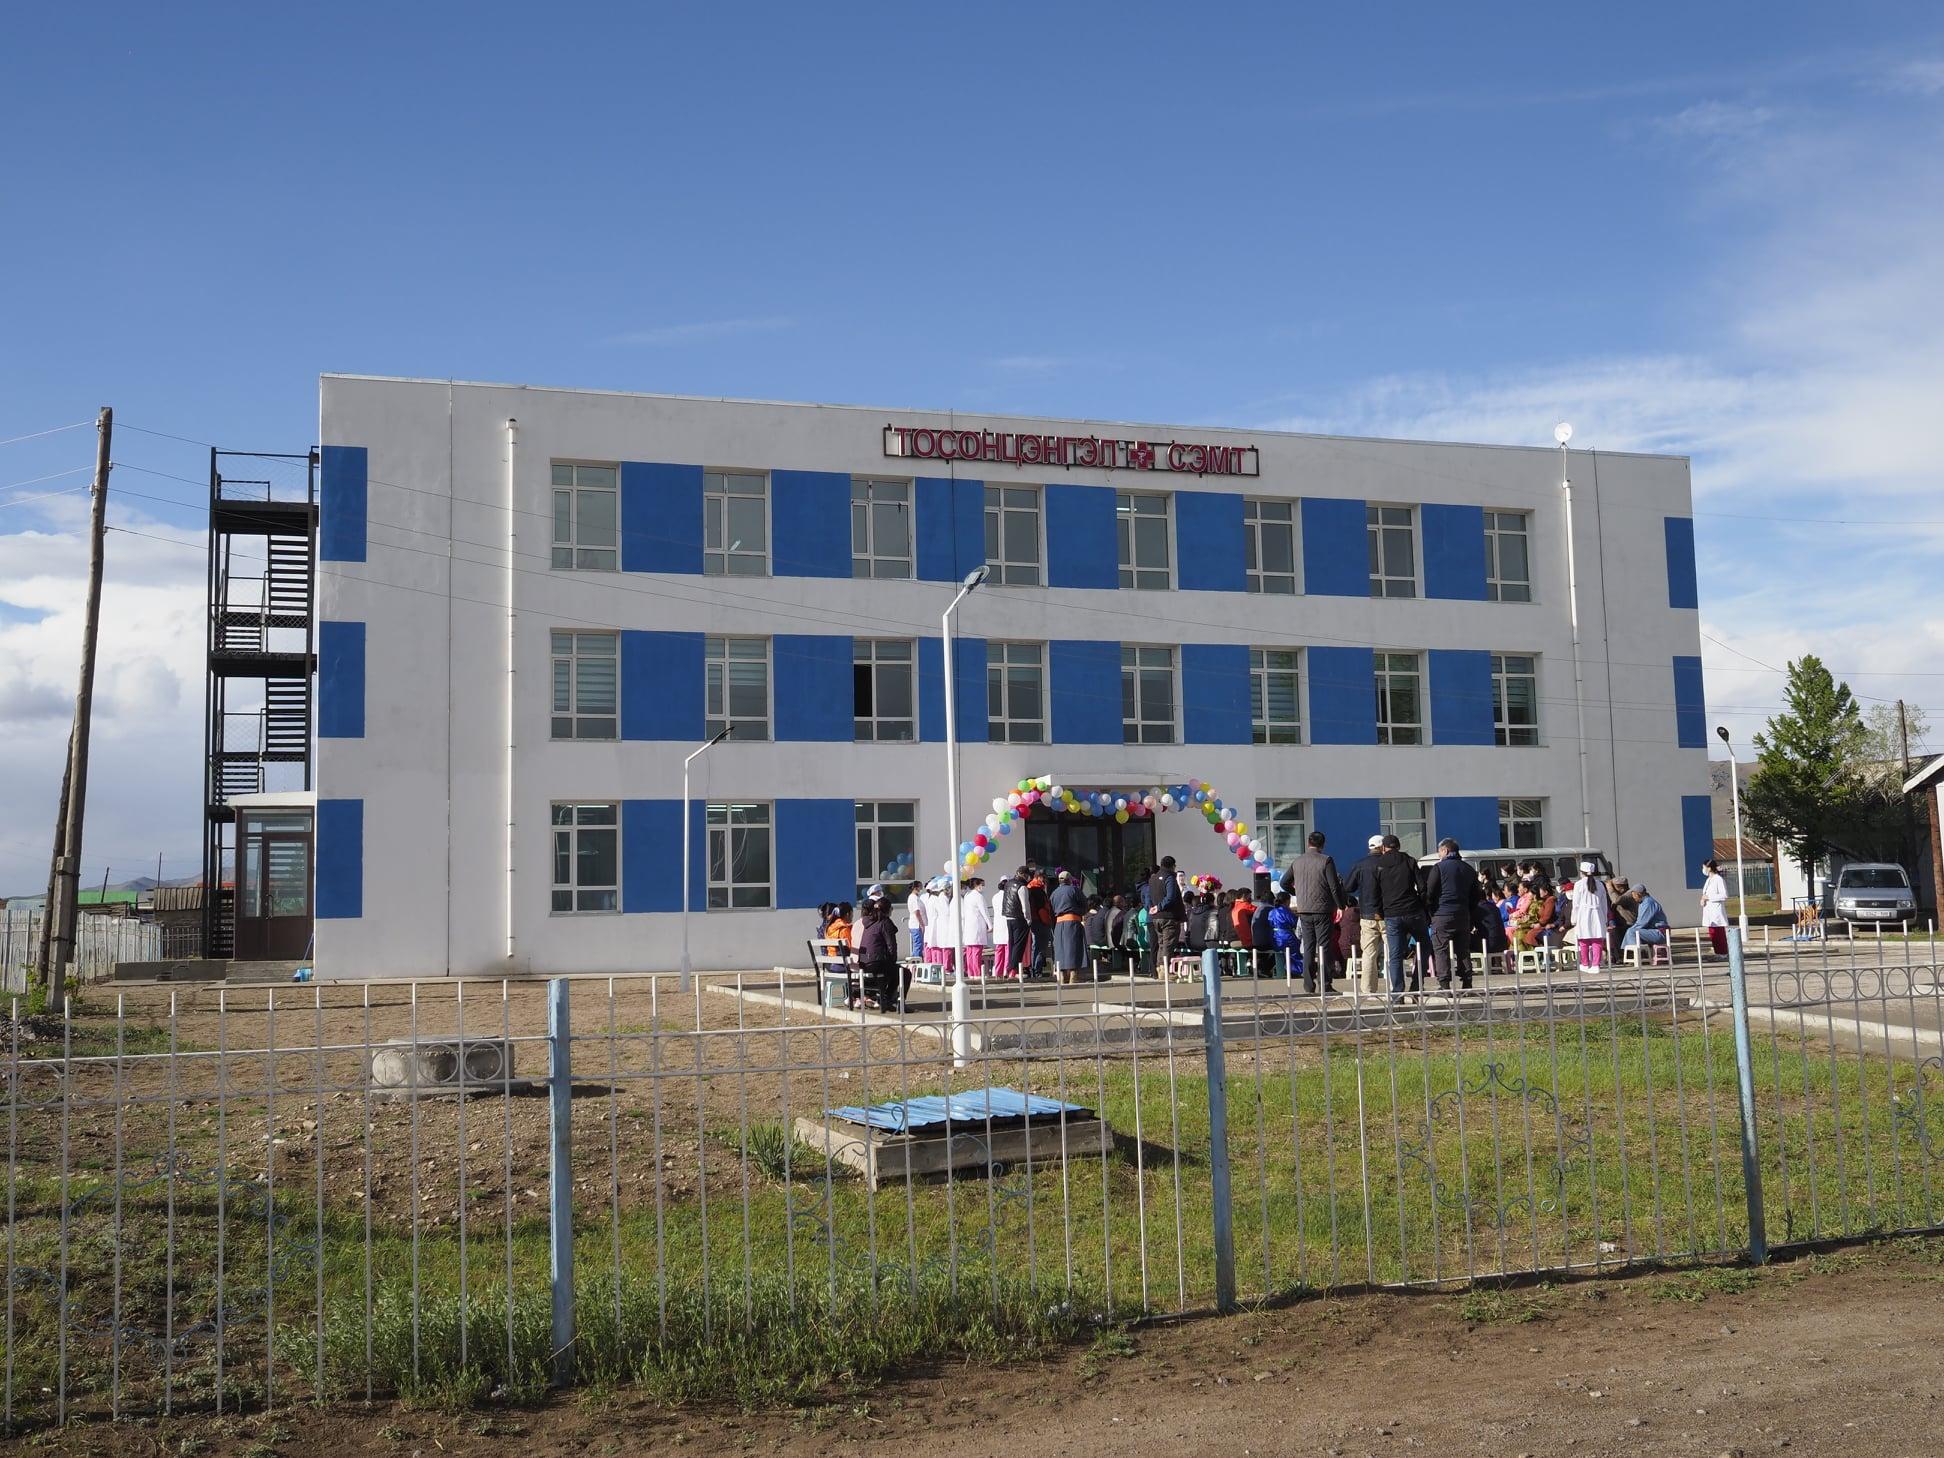 Хөвсгөл аймгийн Тосонцэнгэл сумын шинэ эмнэлгийн барилгыг улсын комисс хүлээж авлаа